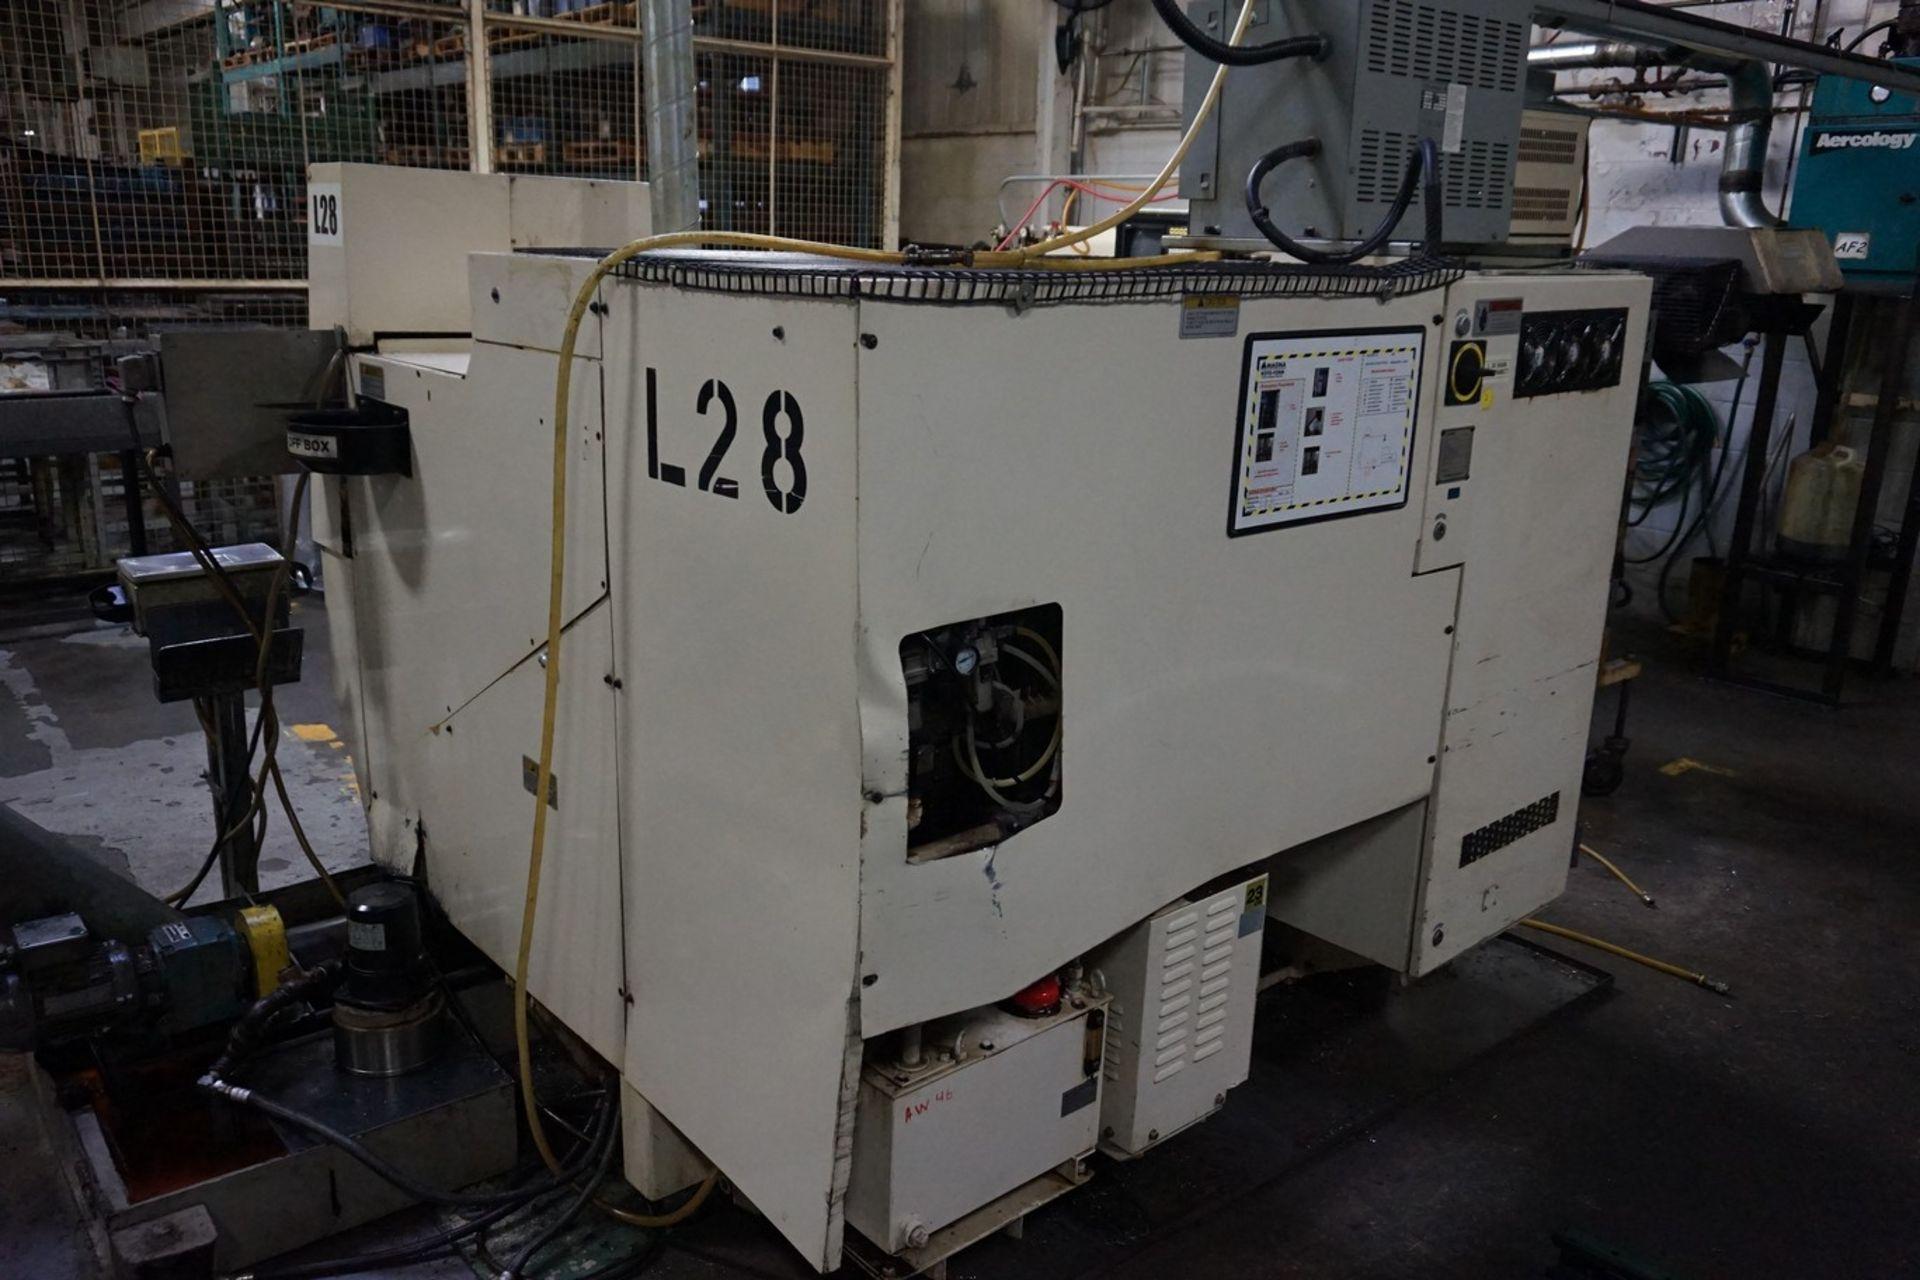 Okuma Model LCC15-2S CNC Lathe 220/240V c/w Chip Conveyor, Transformer - Image 8 of 11